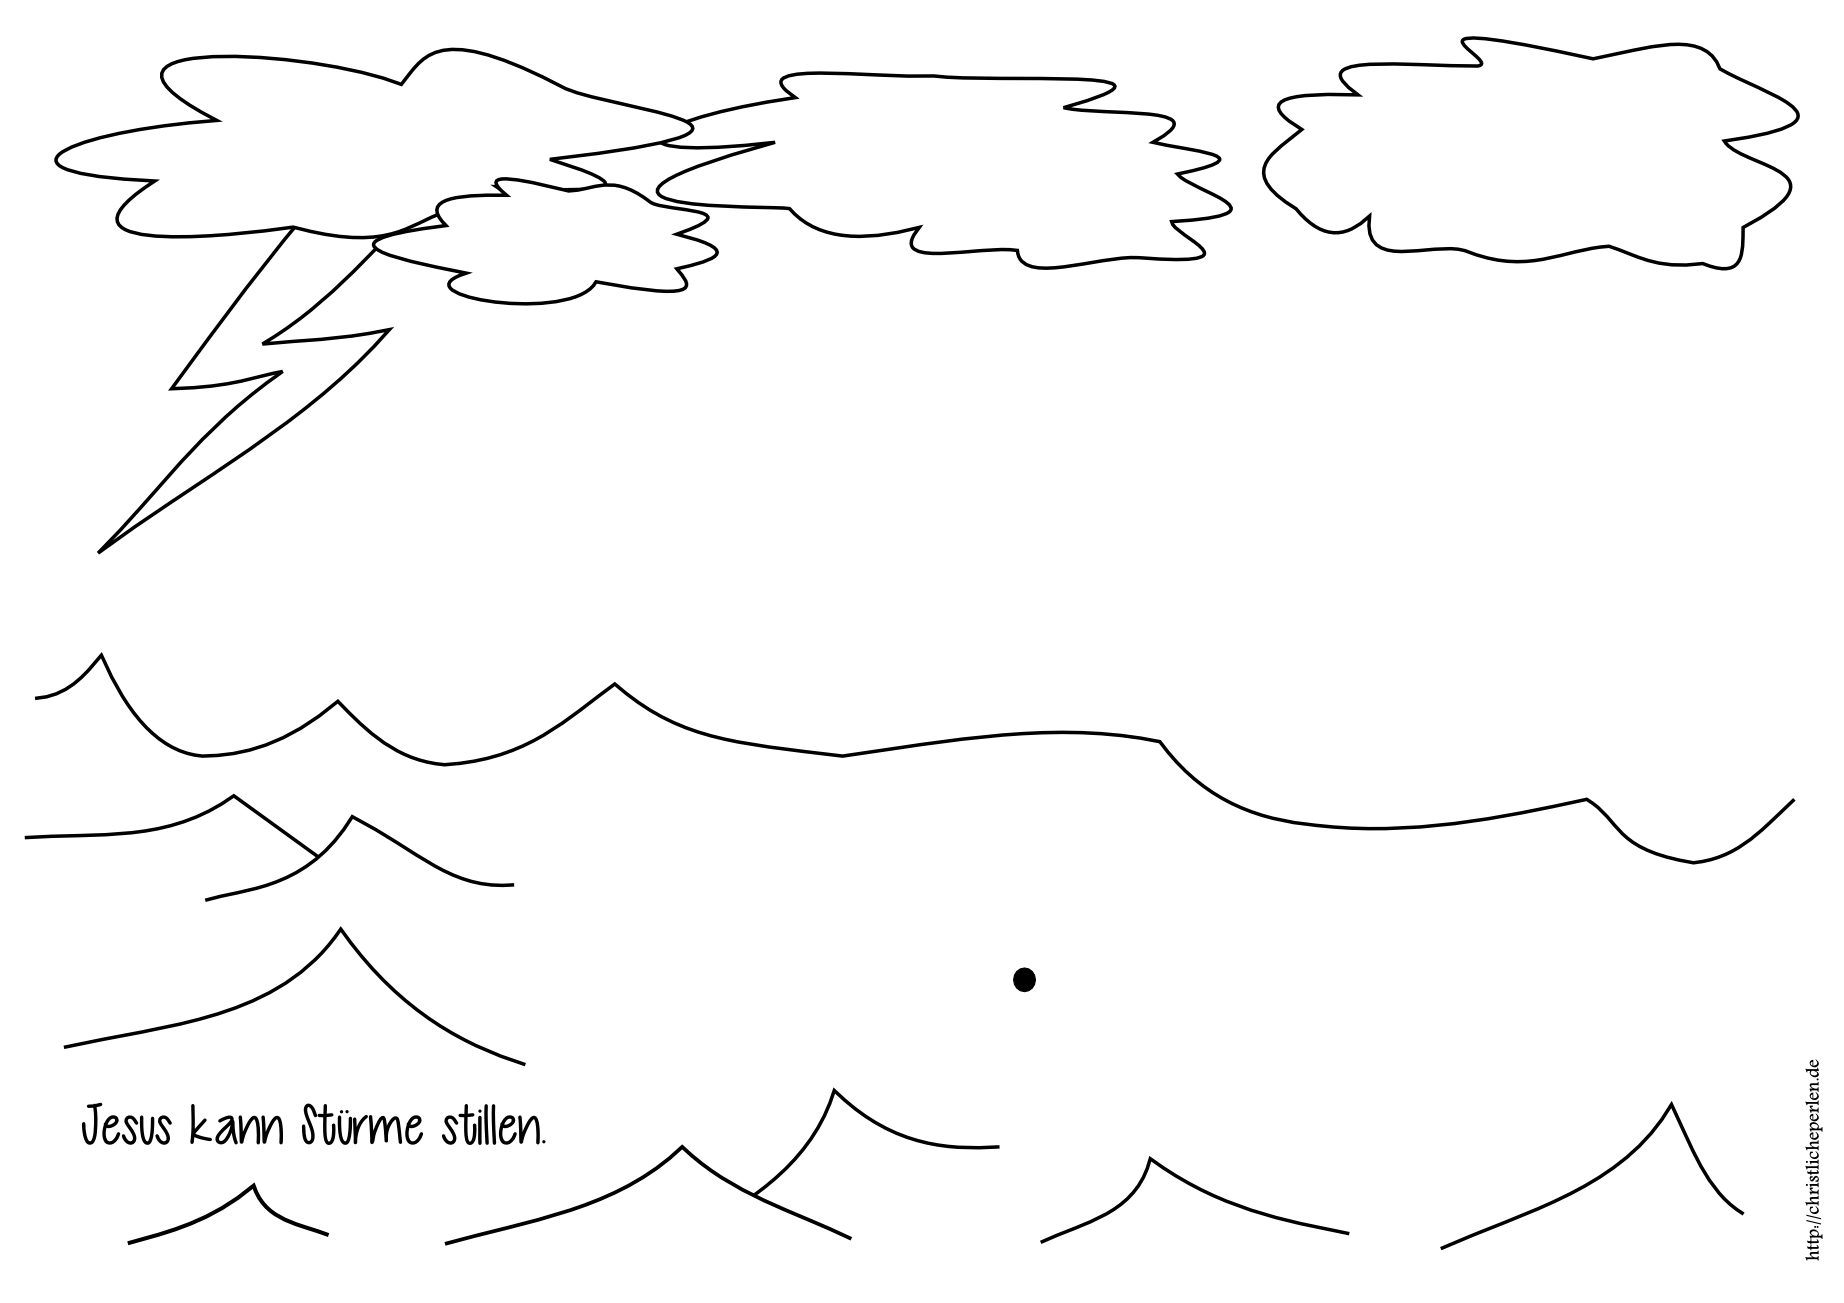 Basteln zu Wasser / Strand / Meer | Christliche Perlen